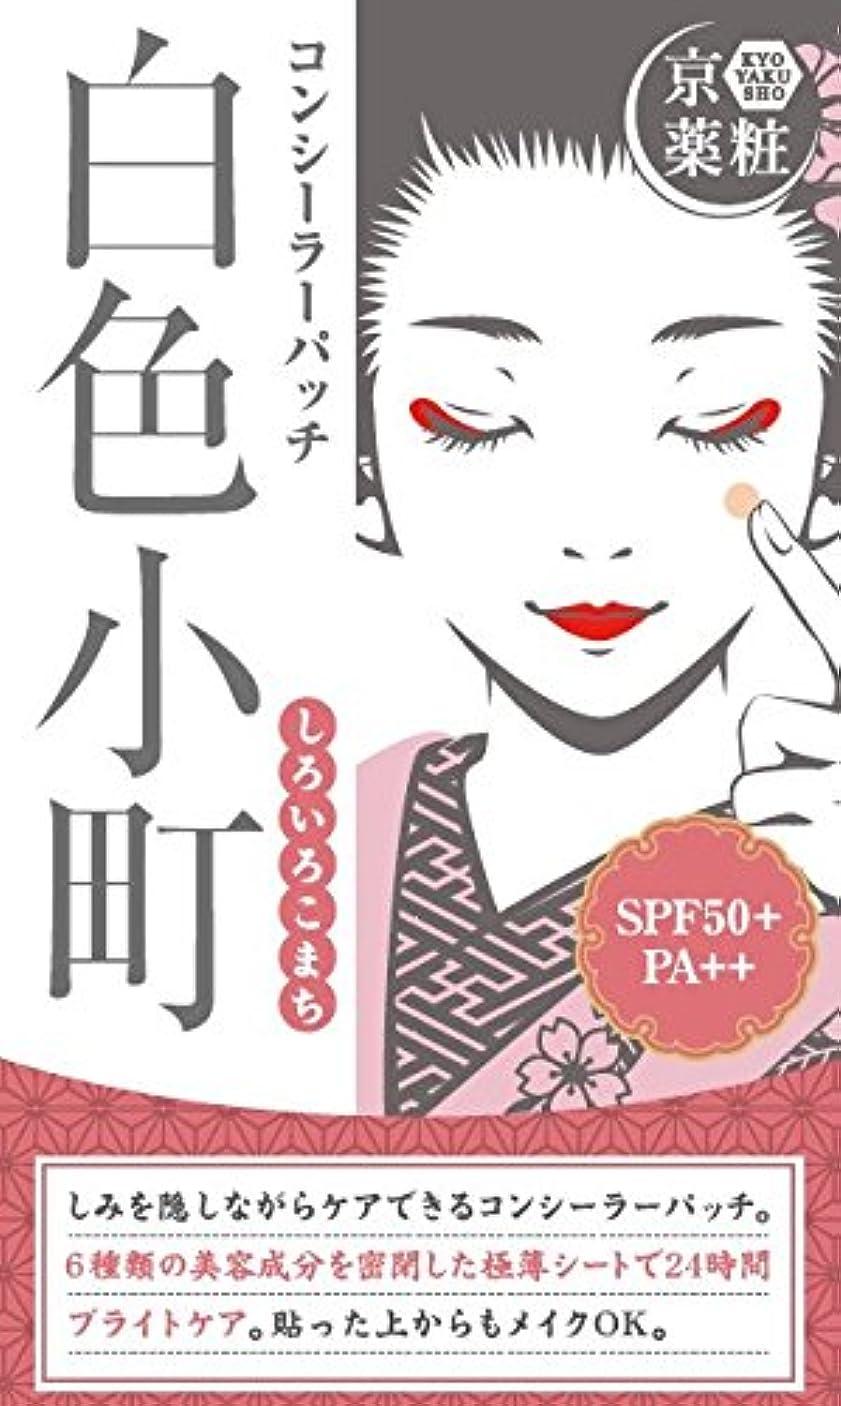 腸アジテーション舗装する京薬粧 白色小町 [極薄 ニキビパッチ] コンシーラー UVカット (シミ ニキビ ケア) 16枚入り